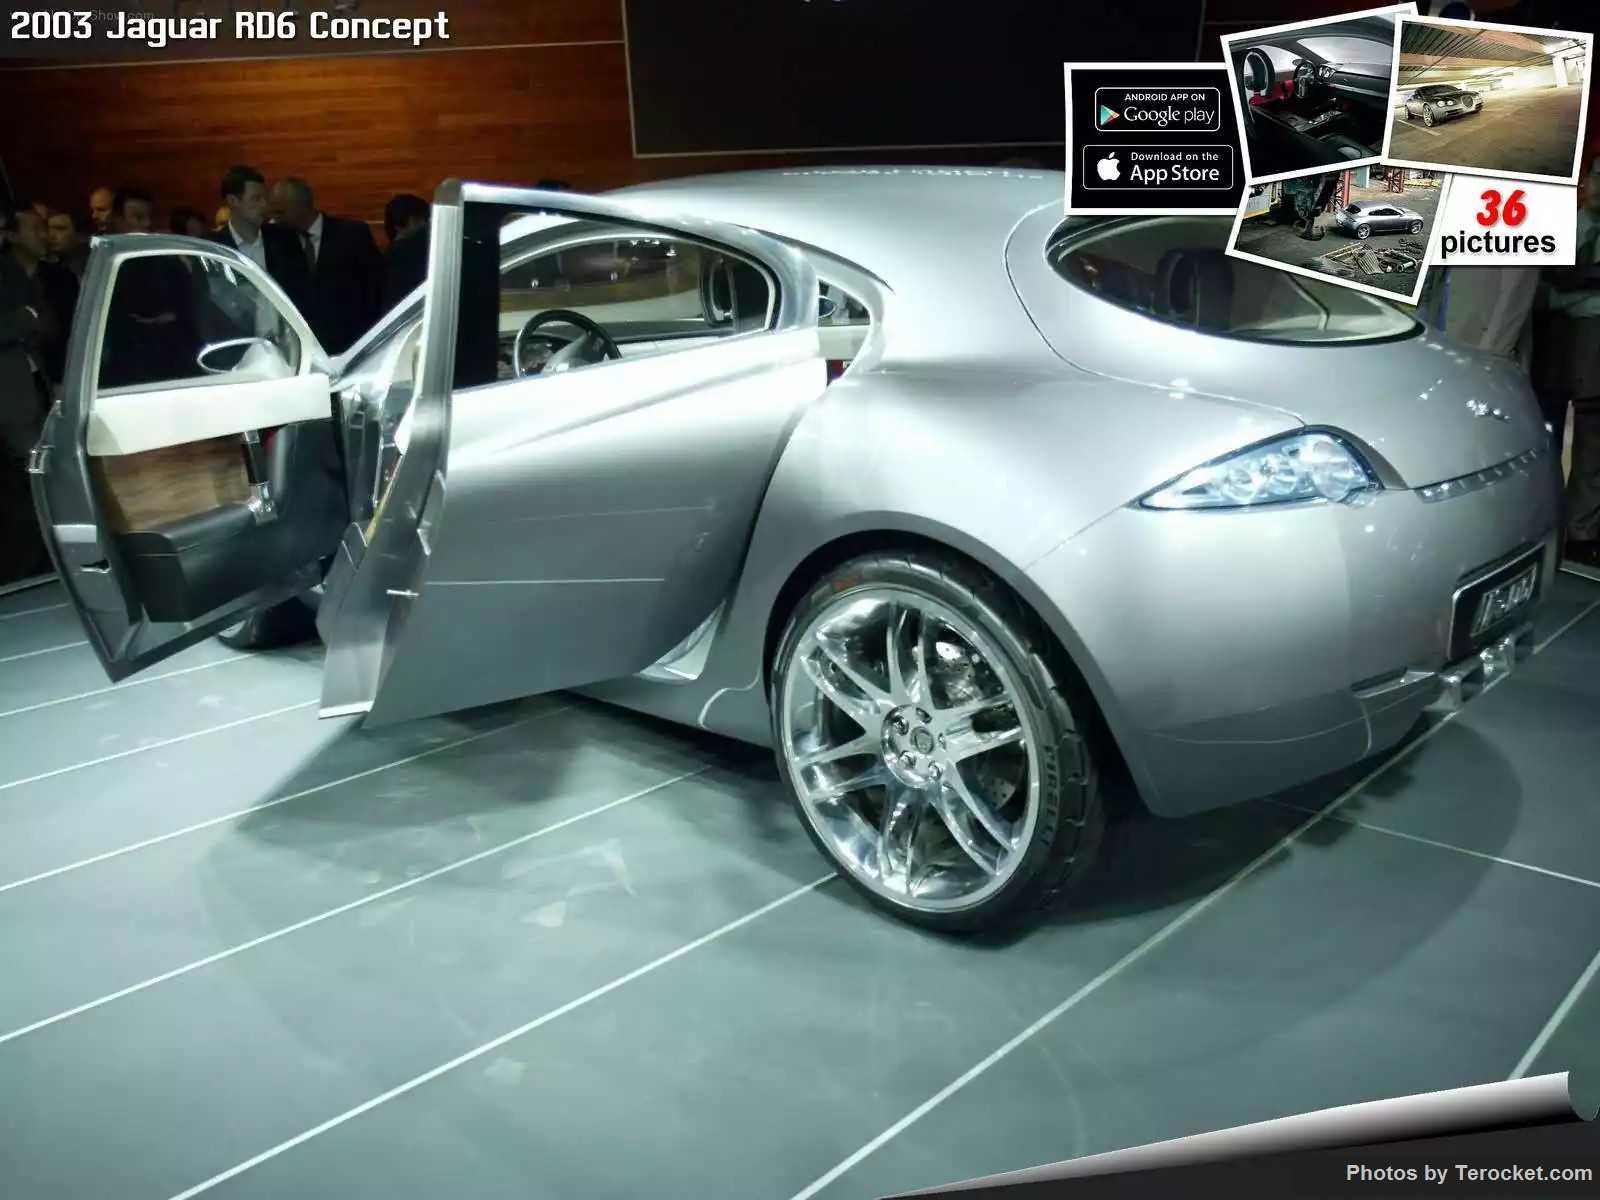 Hình ảnh xe ô tô Jaguar RD6 Concept 2003 & nội ngoại thất